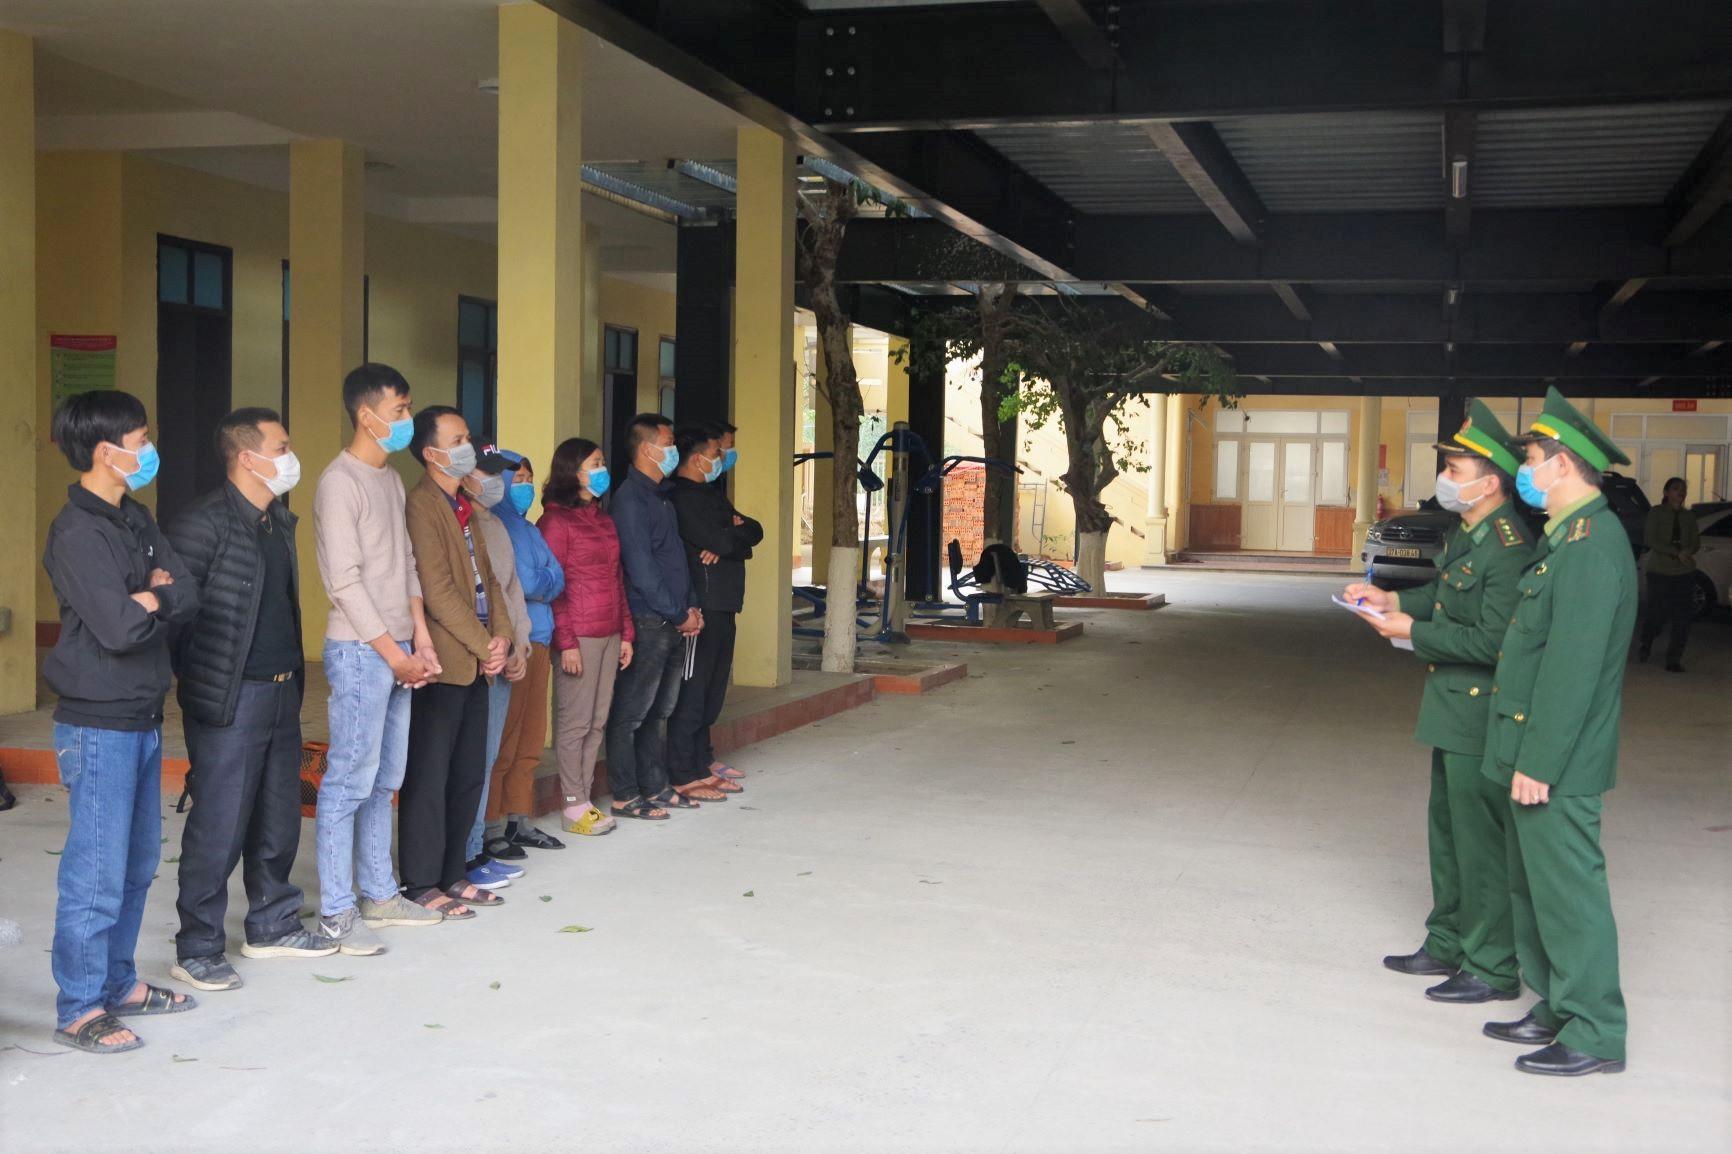 Lực lượng BĐBP Nghệ An phát hiện, đấu tranh triệt xóa một đường dây xuất cảnh trái phép.